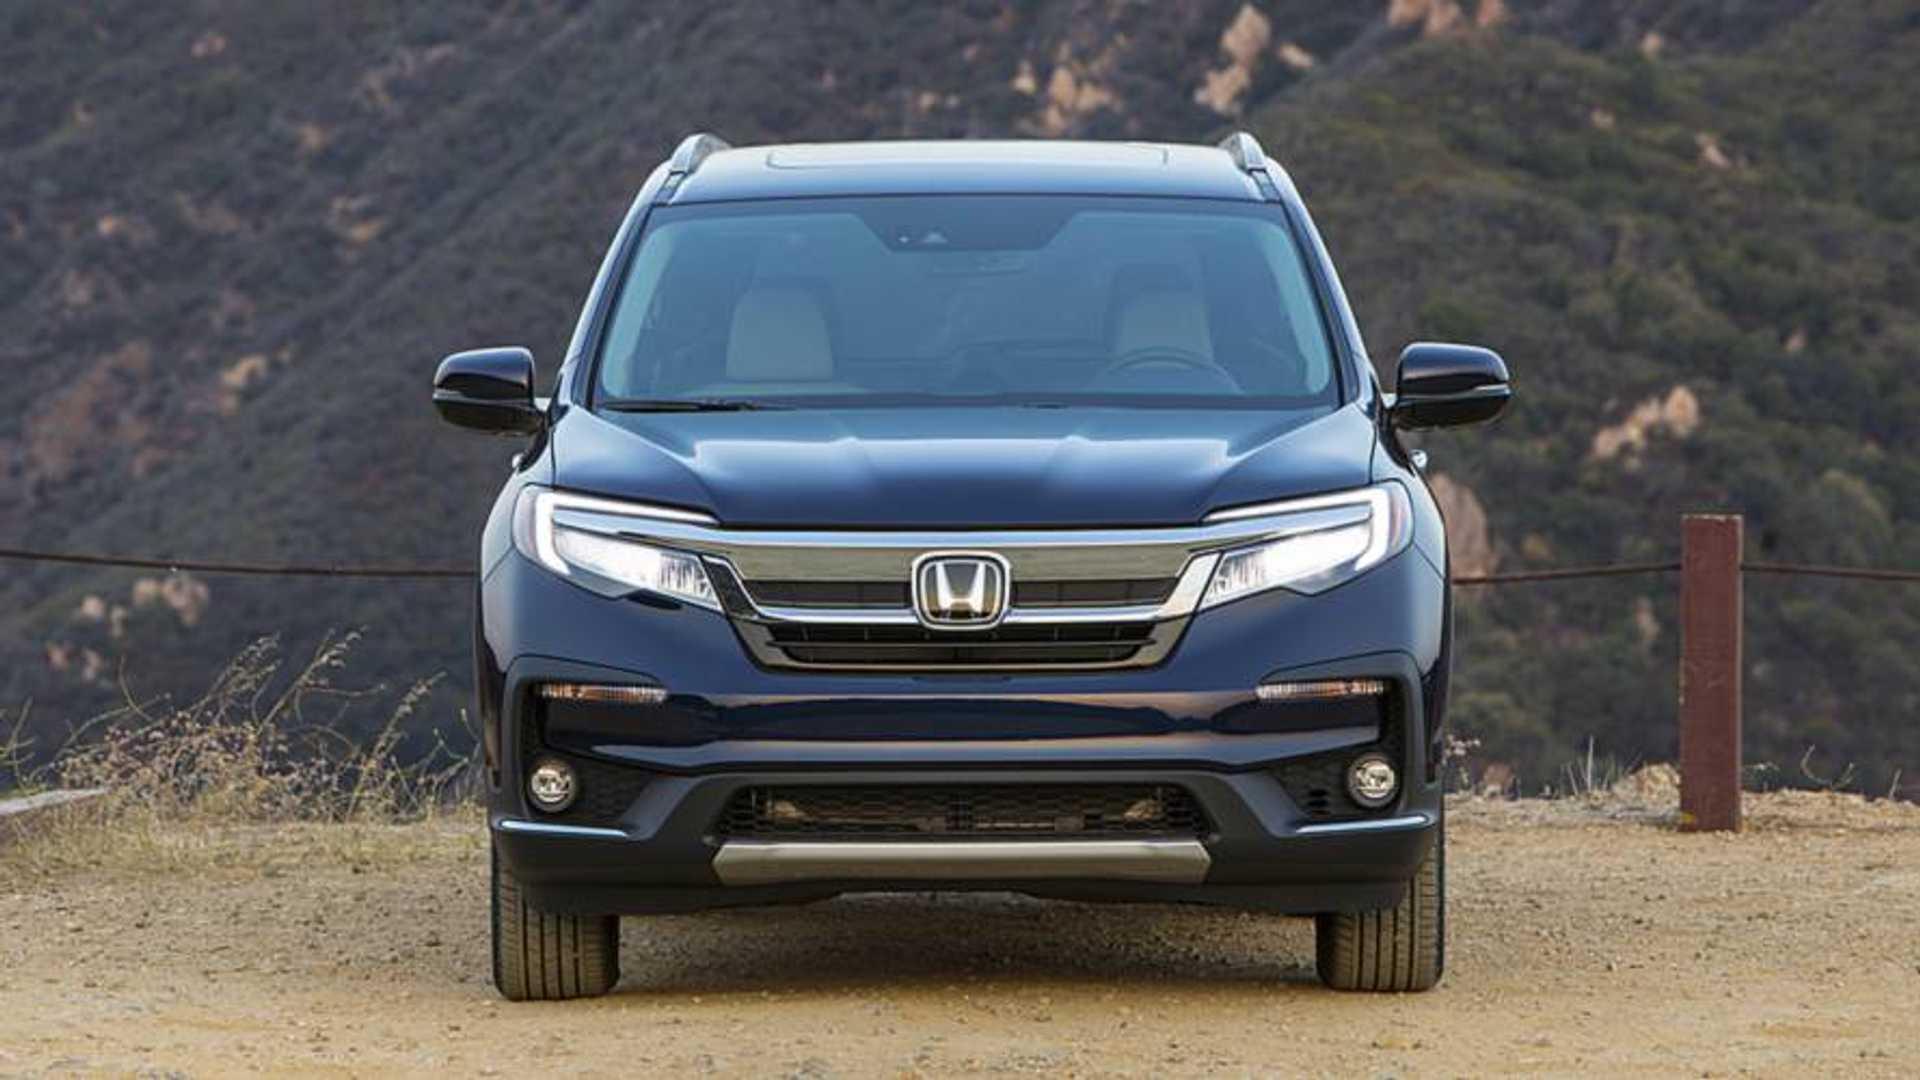 2017 Honda Pilot Towing Capacity >> 2019 Honda Pilot First Drive: Respectfully Refined